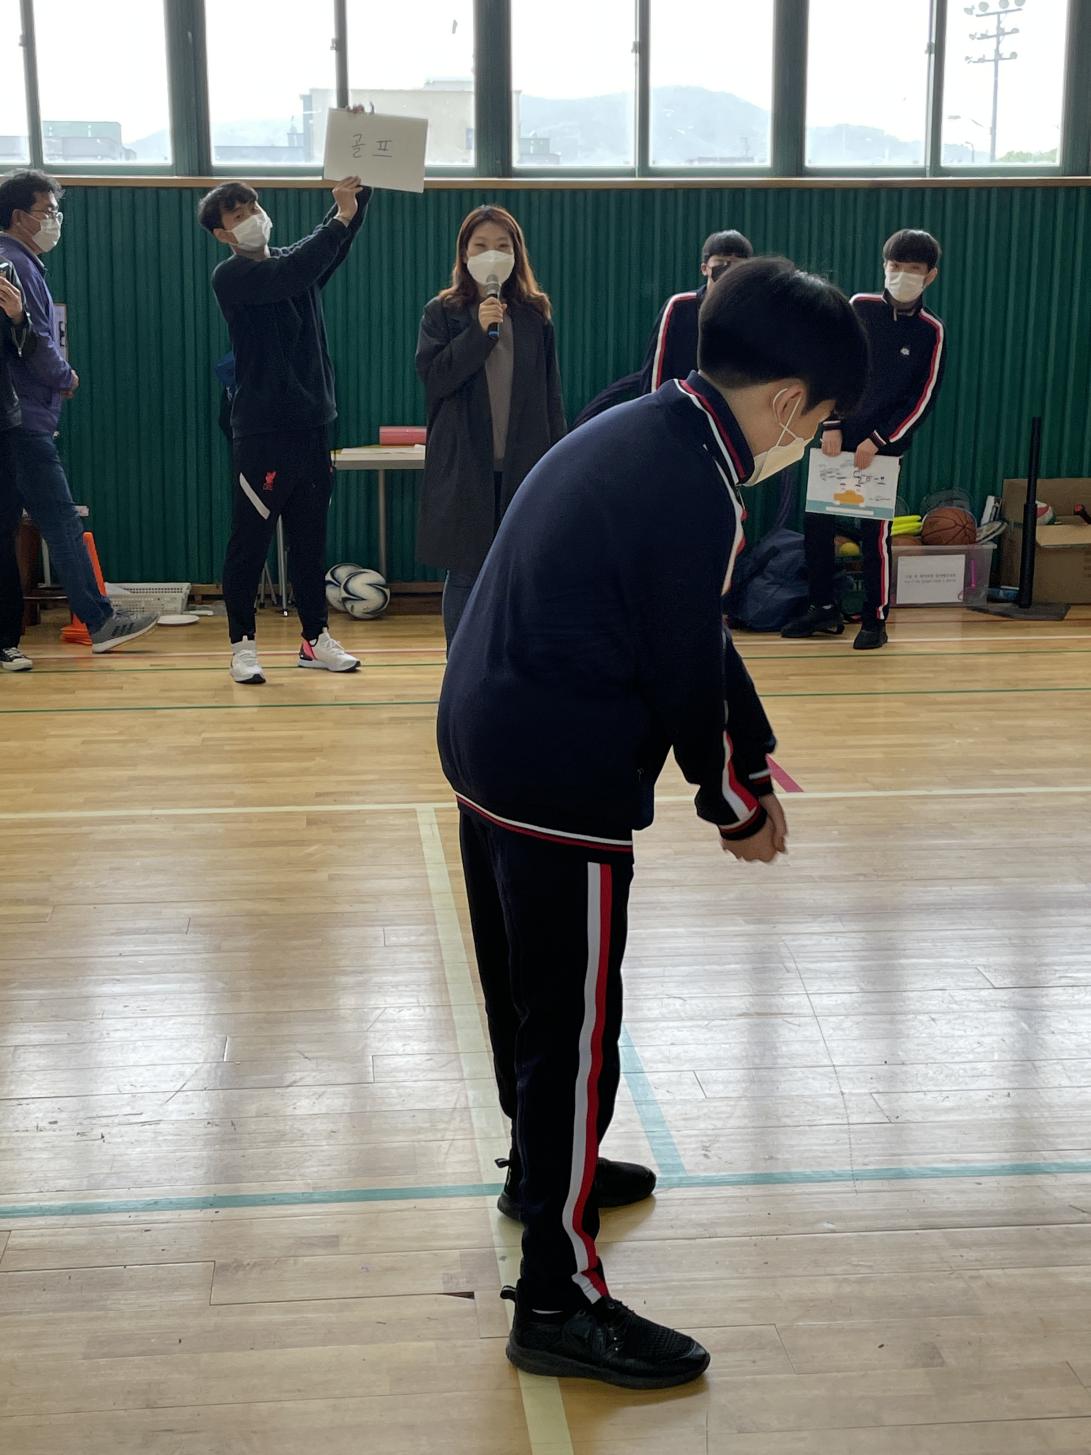 [일반] 비접촉 체육축제(1학년)의 첨부이미지 5